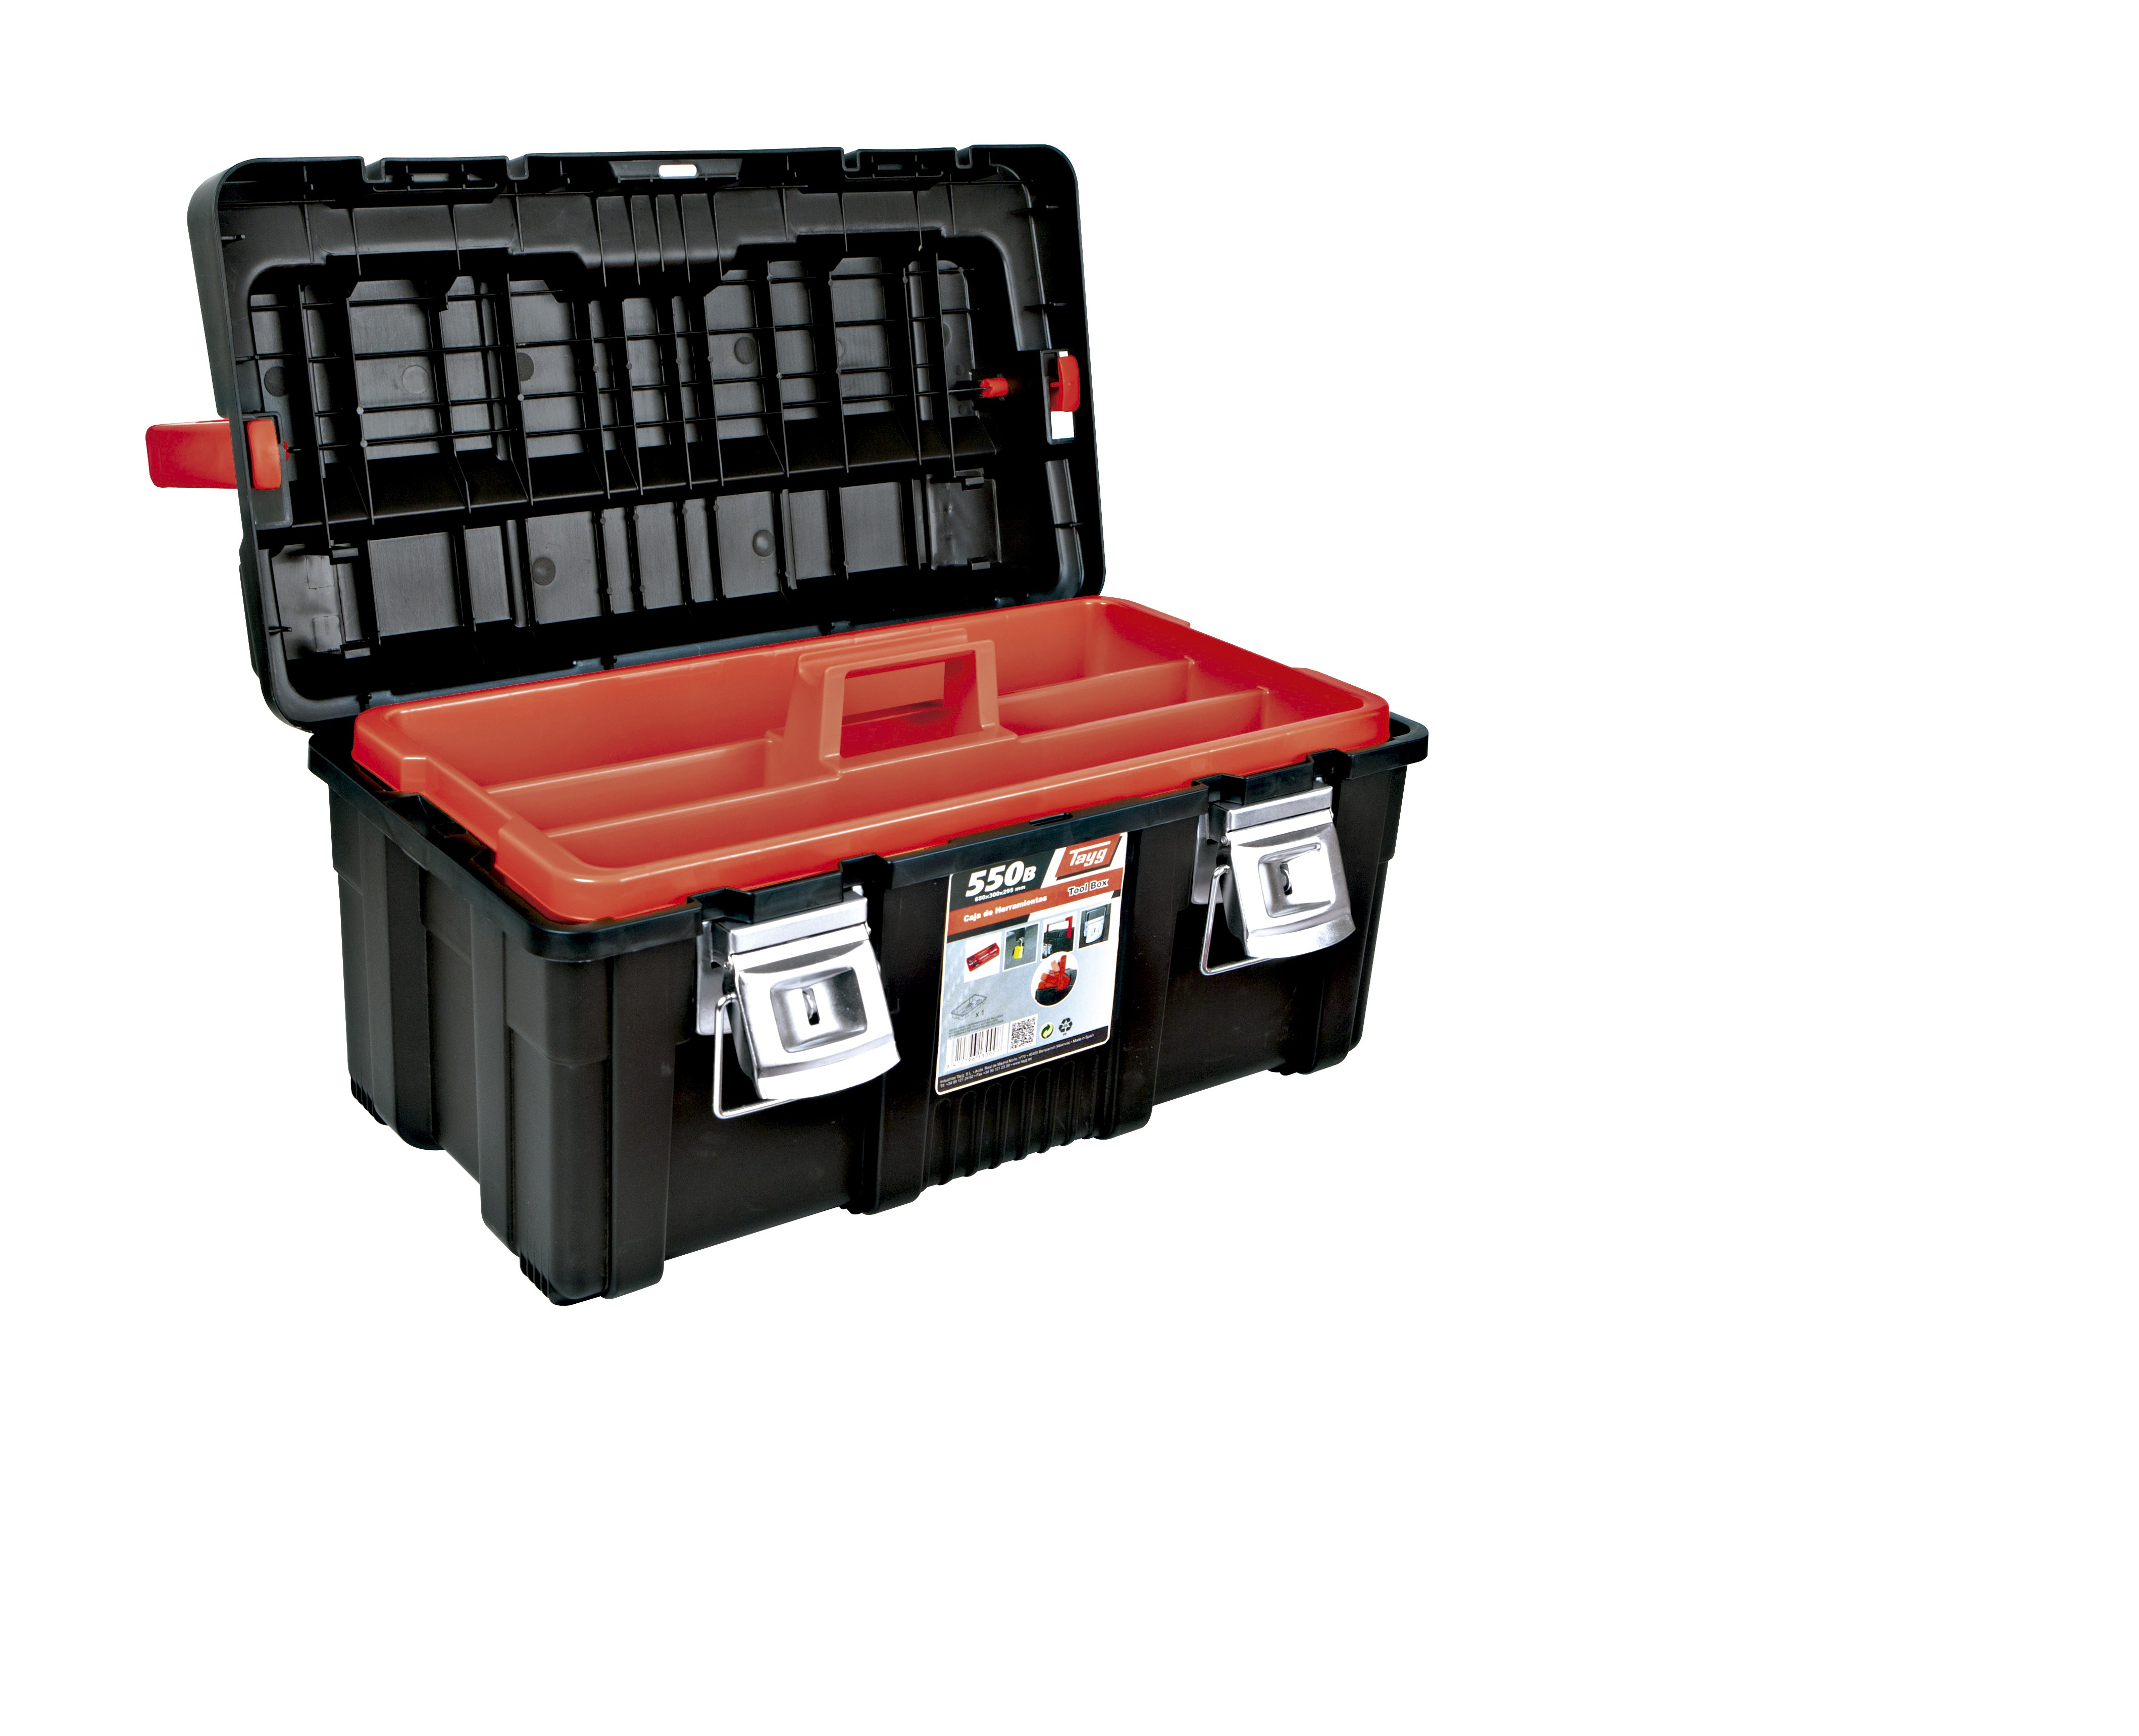 4 caja de herramientas de plastico y aluminio - Gama Profesional